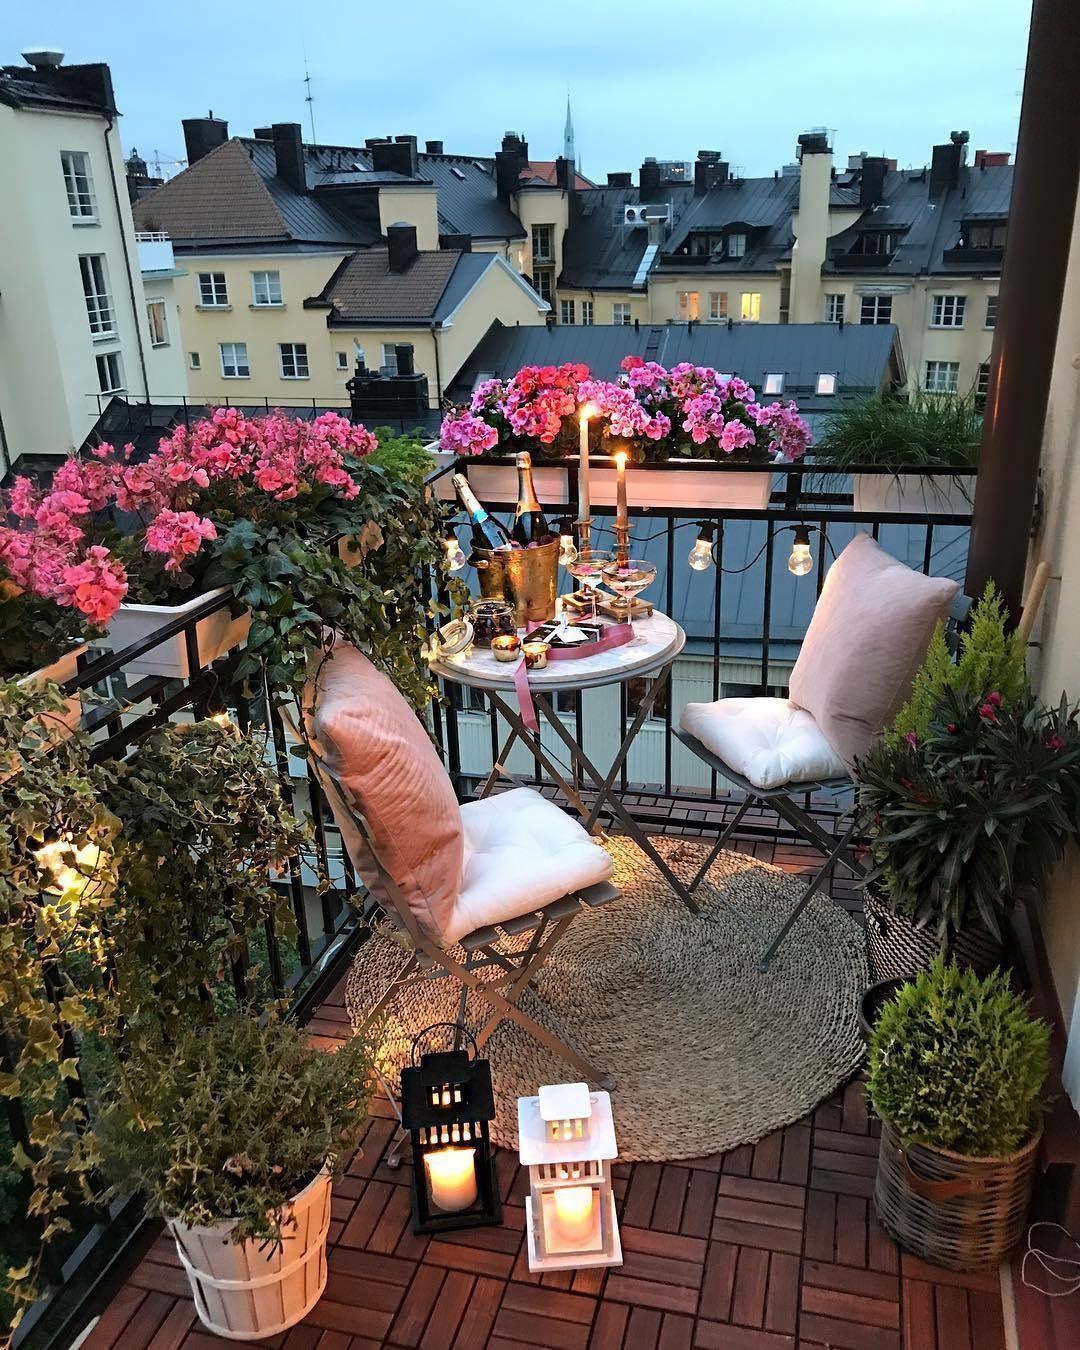 Pin von Christina Dangel auf Balkon Balcony, Small balcony garden und Small balcony decor ~ 05133313_Garten Lounge Für Kleinen Balkon